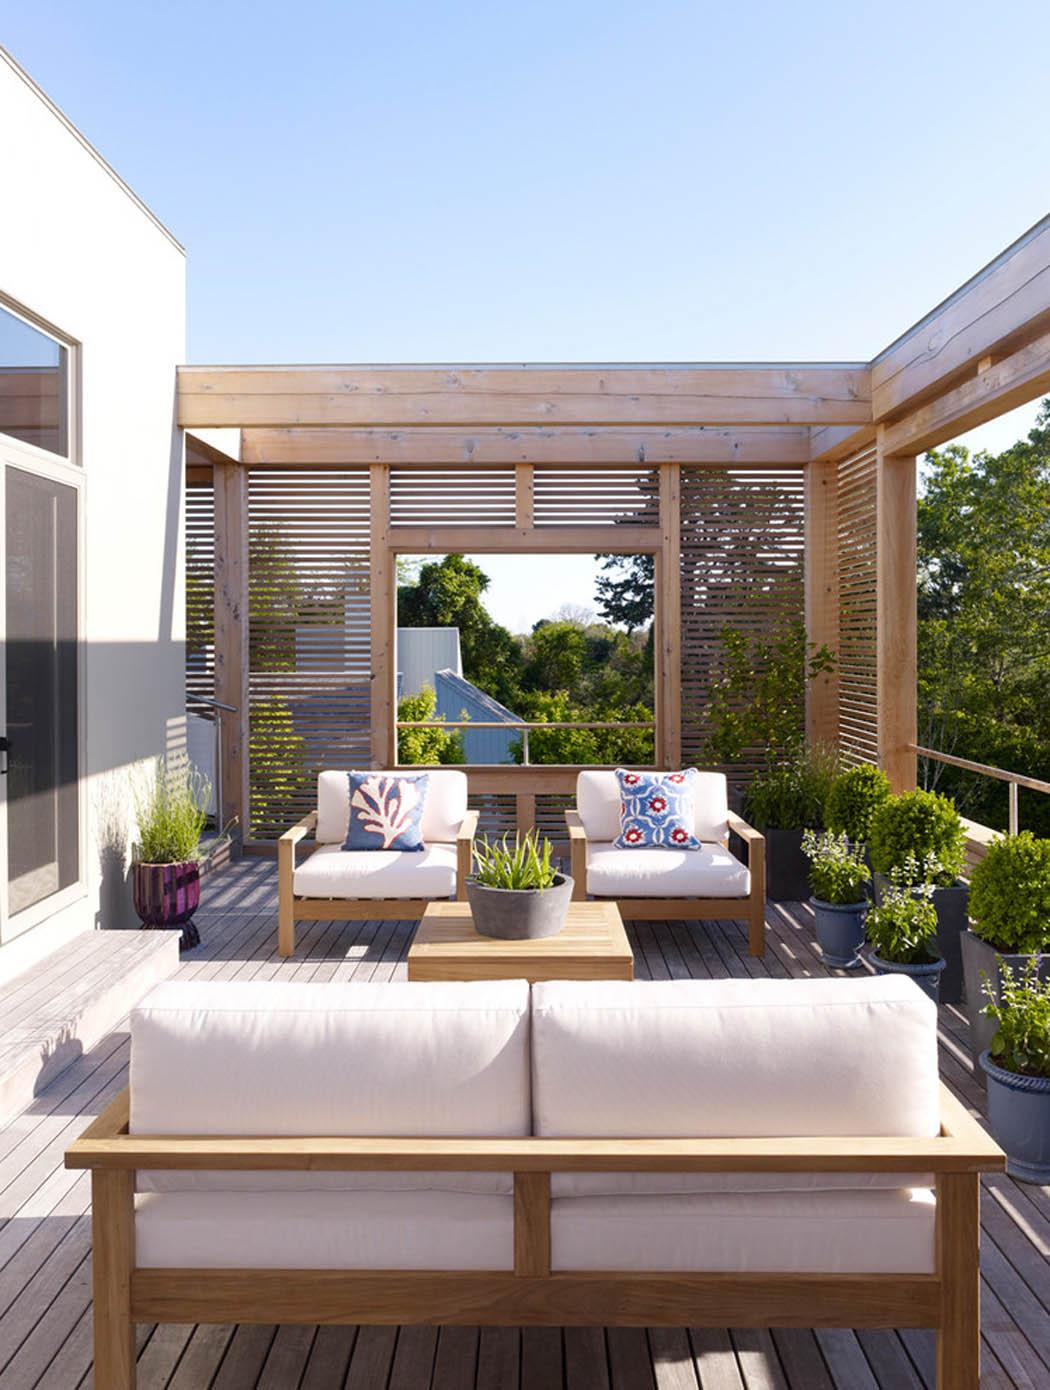 interieur-residence-familiale-secondaire